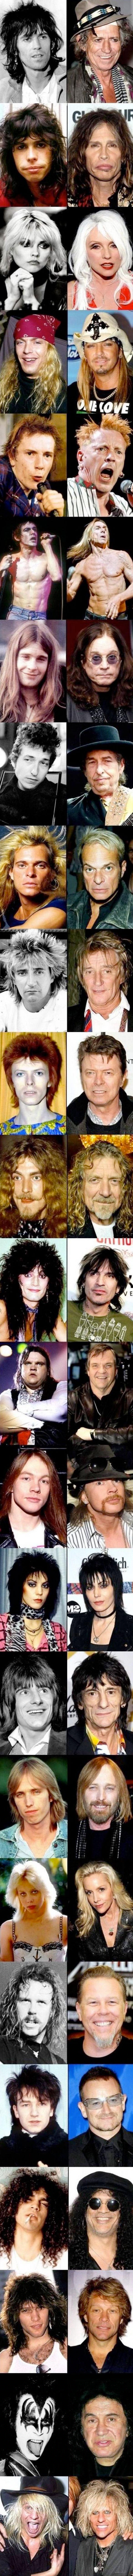 26 διάσημοι Rock Stars τότε και τώρα (2)